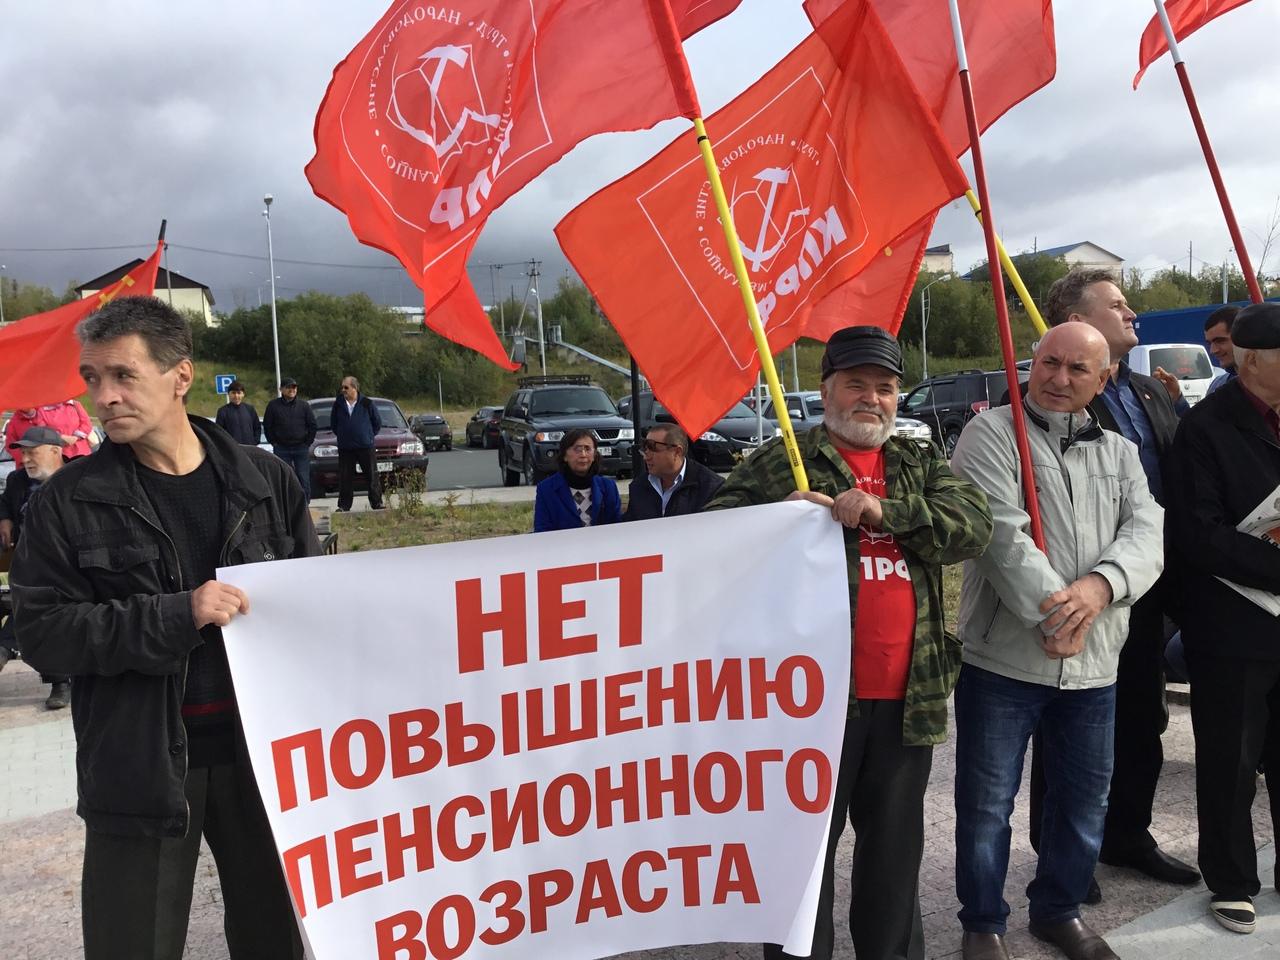 В Салехарде состоялся митинг против повышения пенсионного возраста